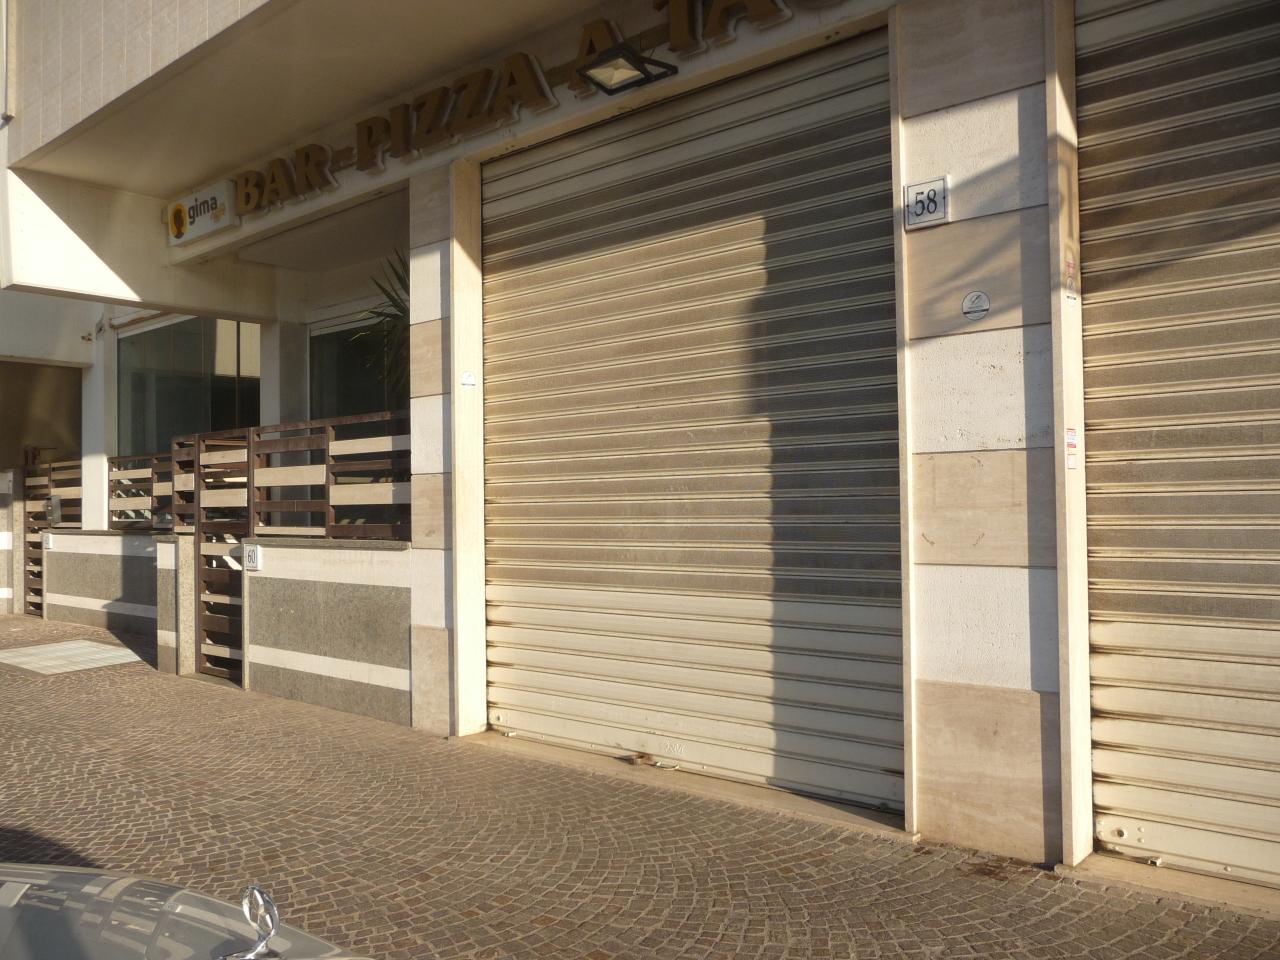 Locale commerciale - 2 Vetrine a Roma Rif. 11460798